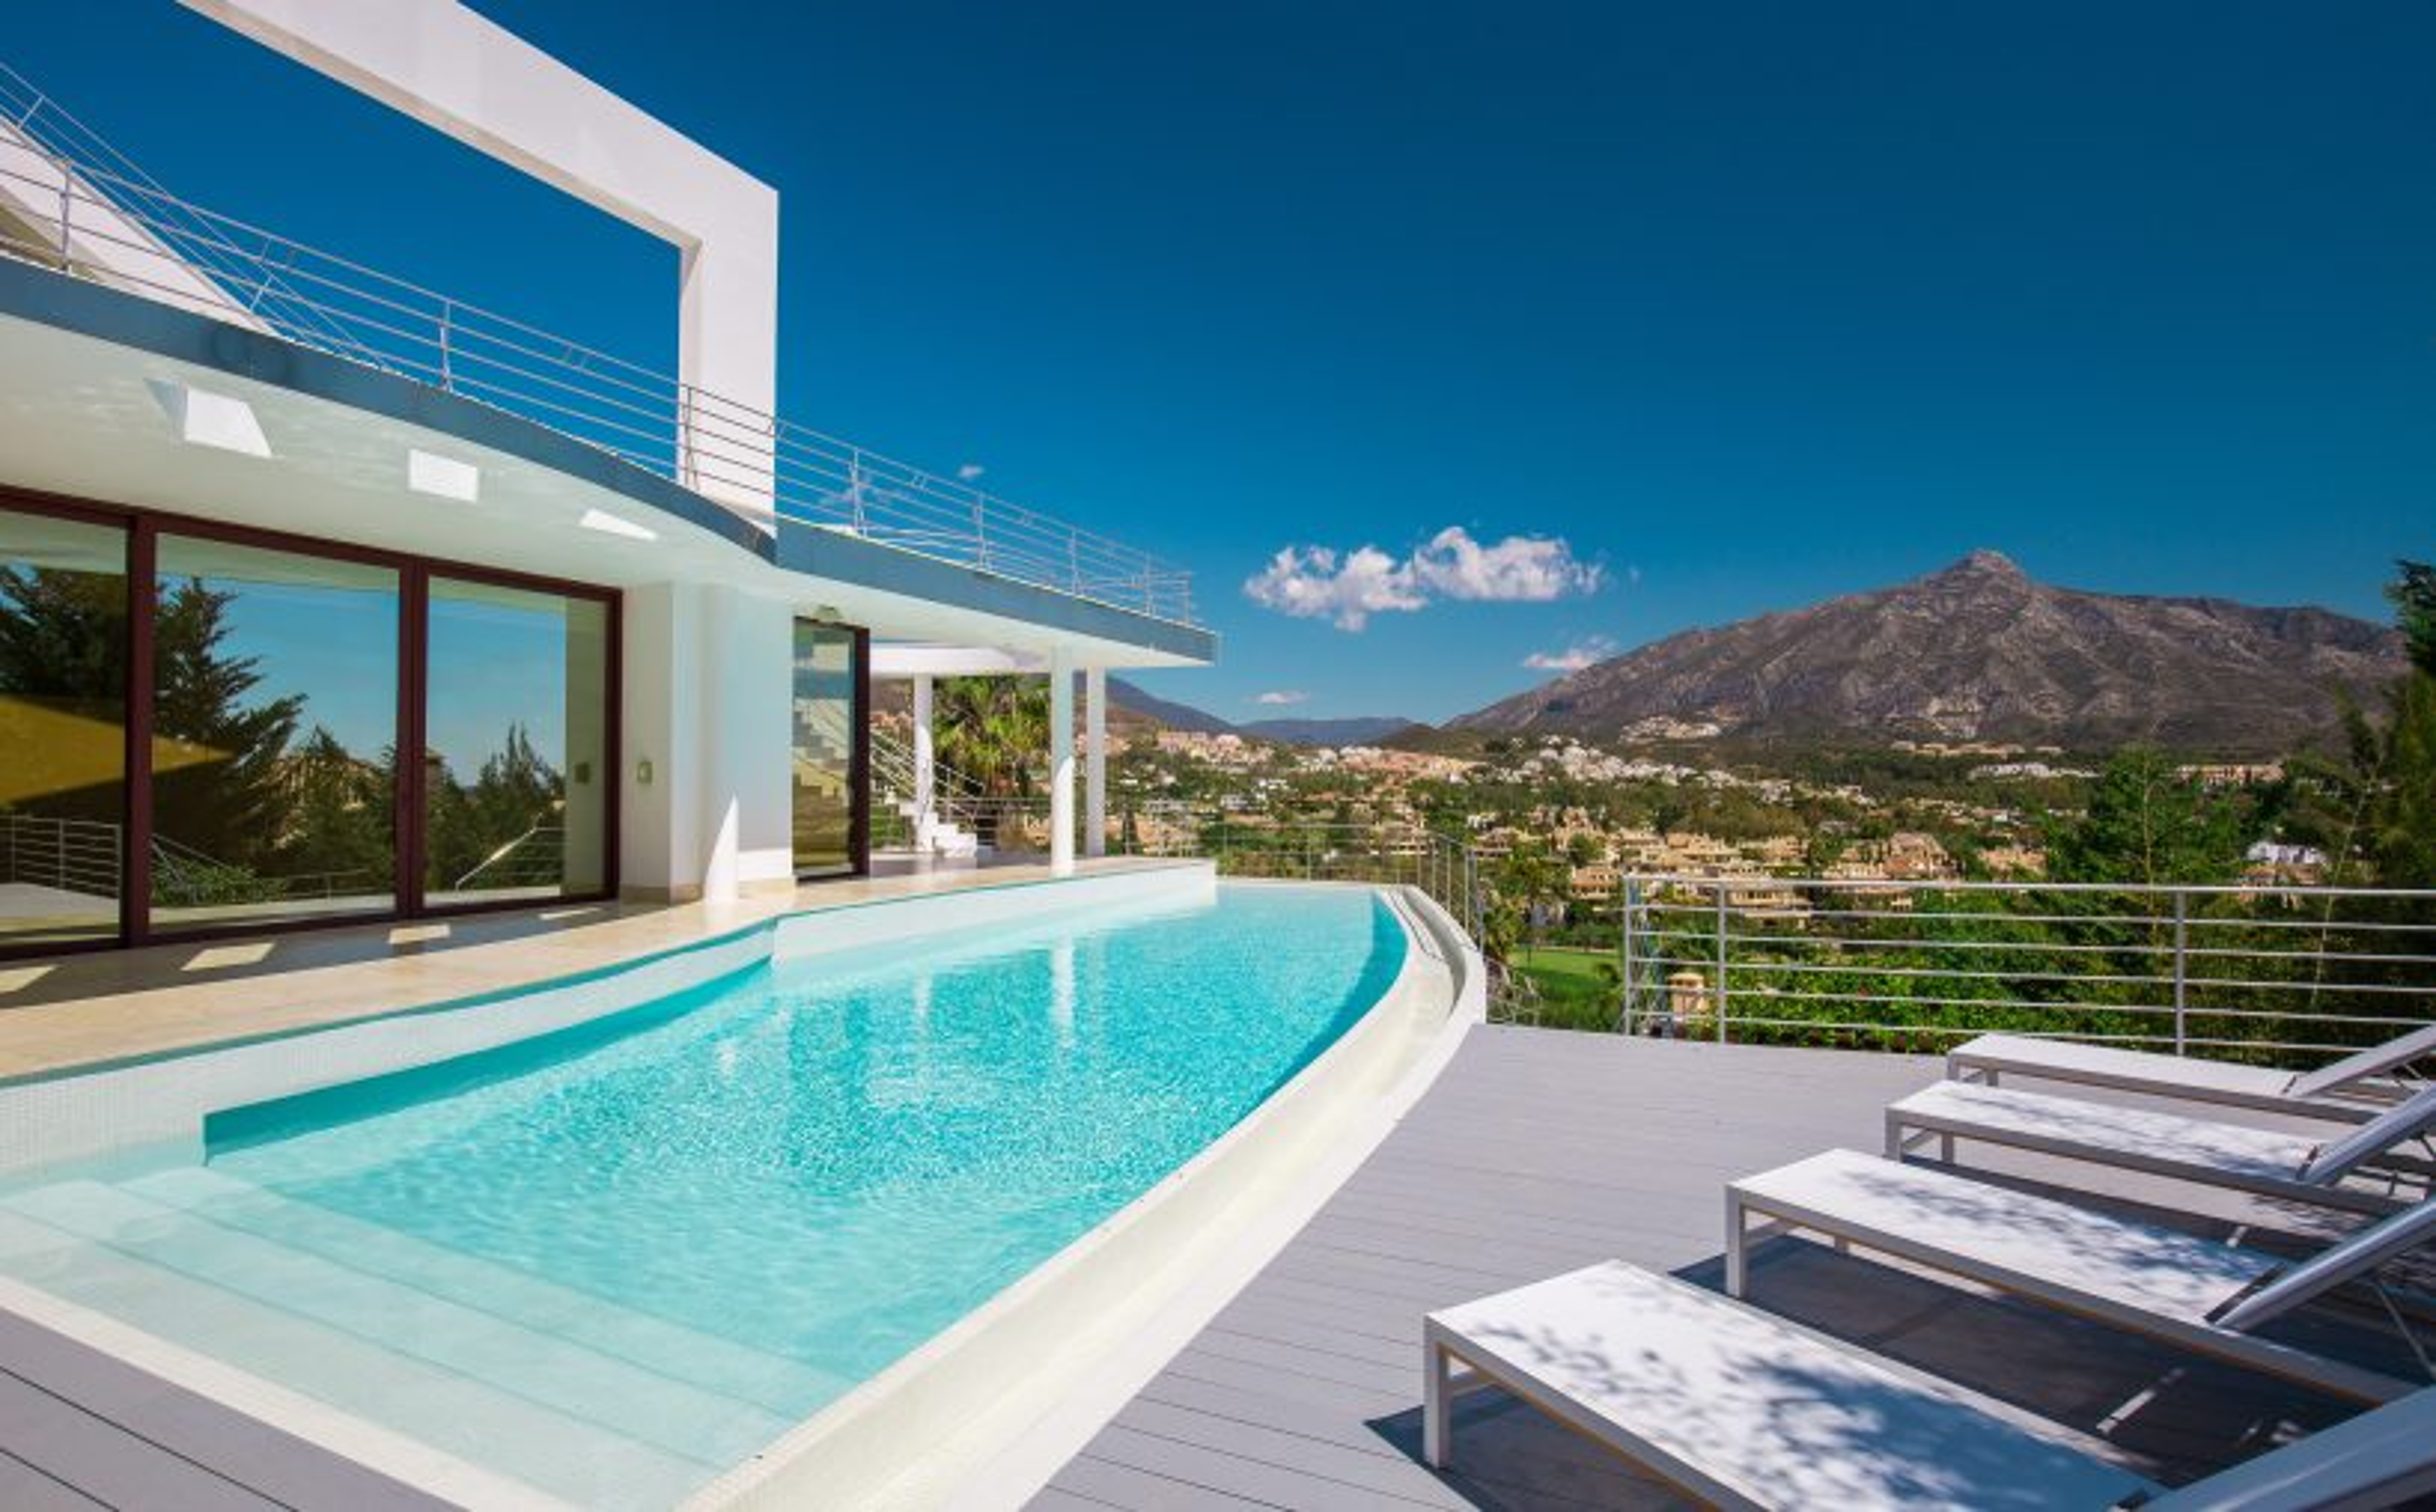 Die internationalen Medien richten ihre Aufmerksamkeit auf den spanischen Immobilienmarkt